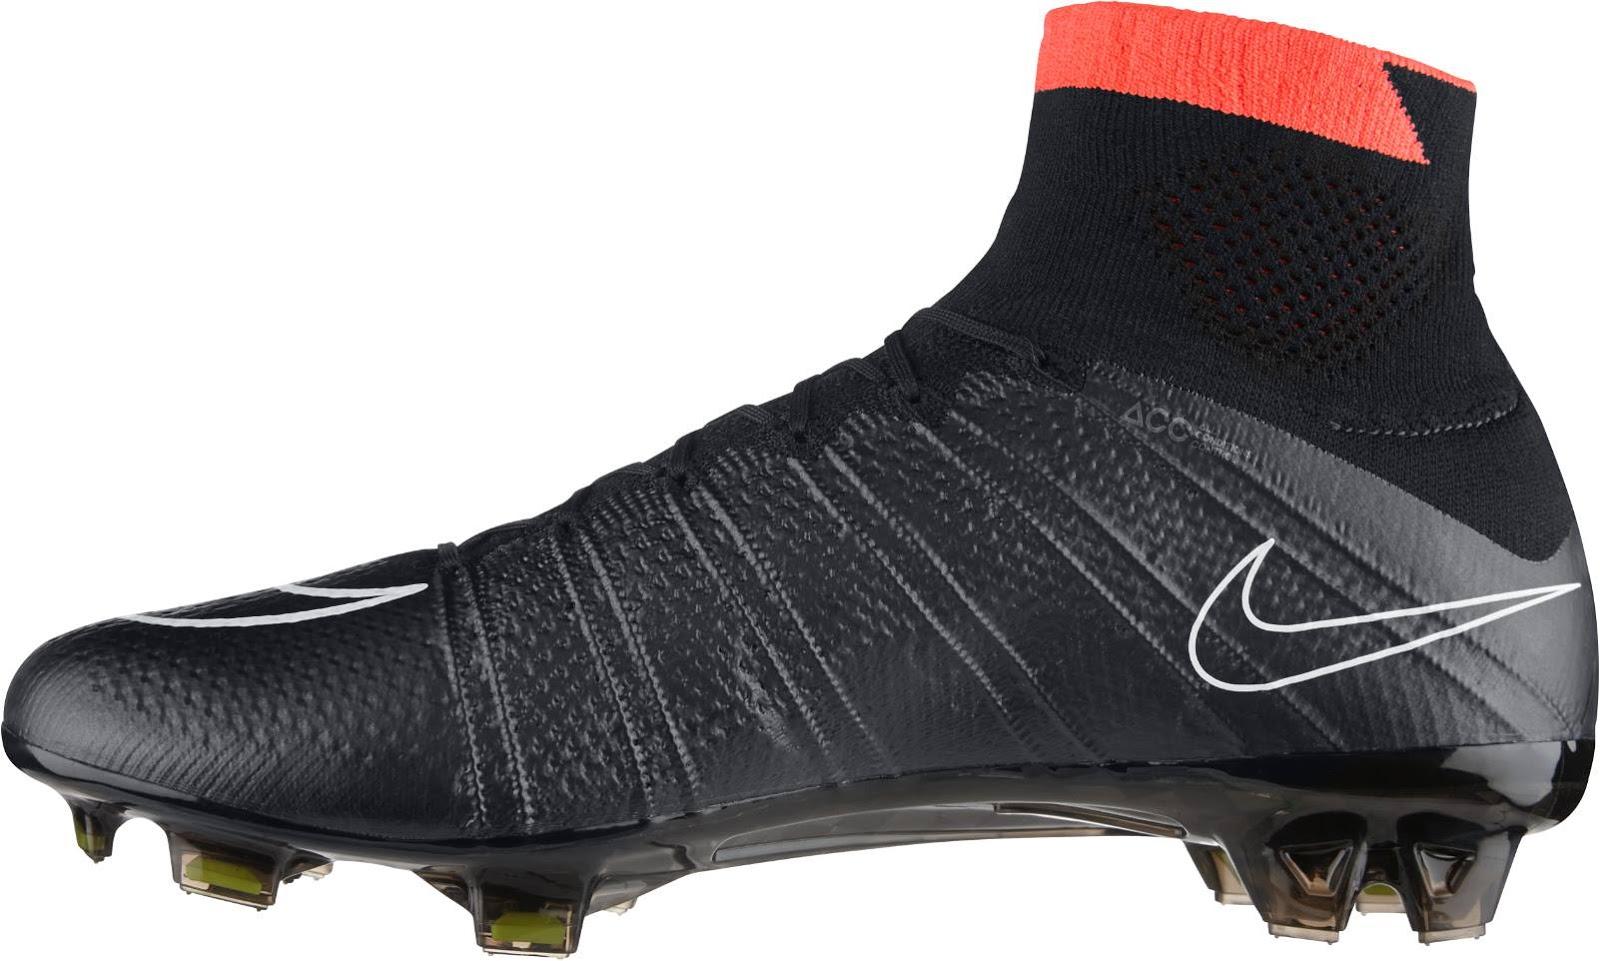 newest 331e6 448ed botas de futbol nike mercurial mercadolibre